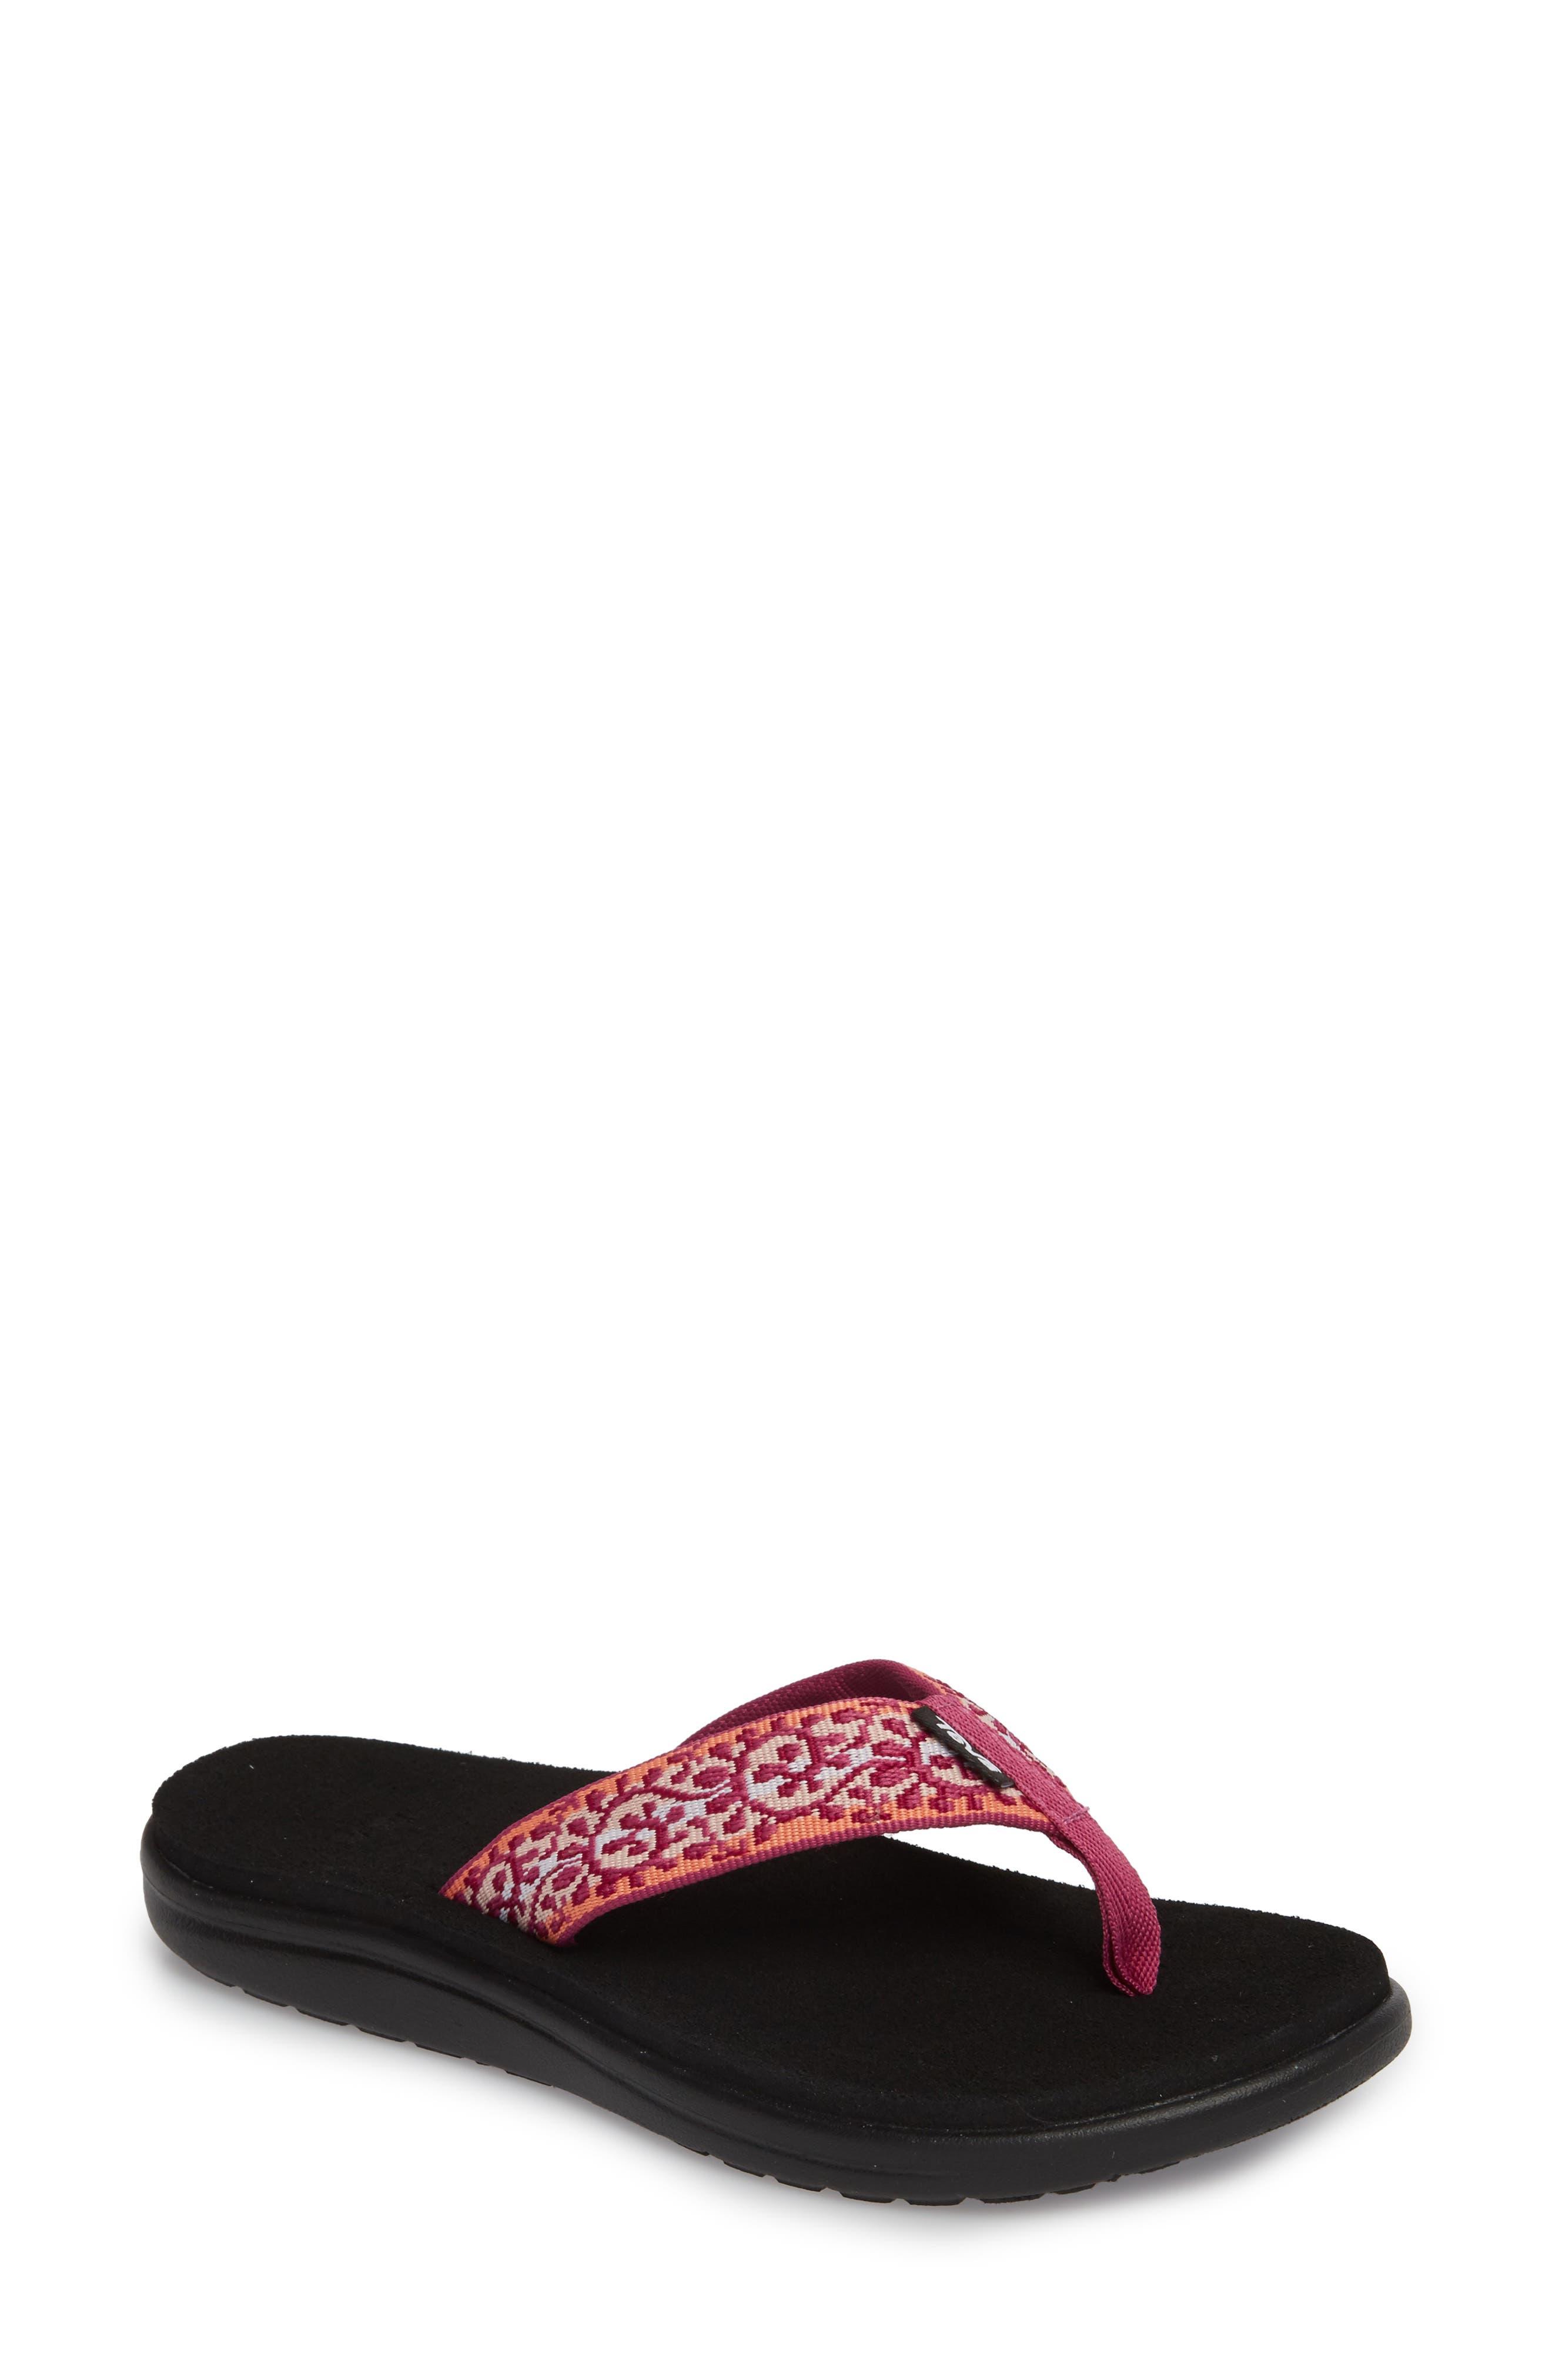 Women S Teva Sandals